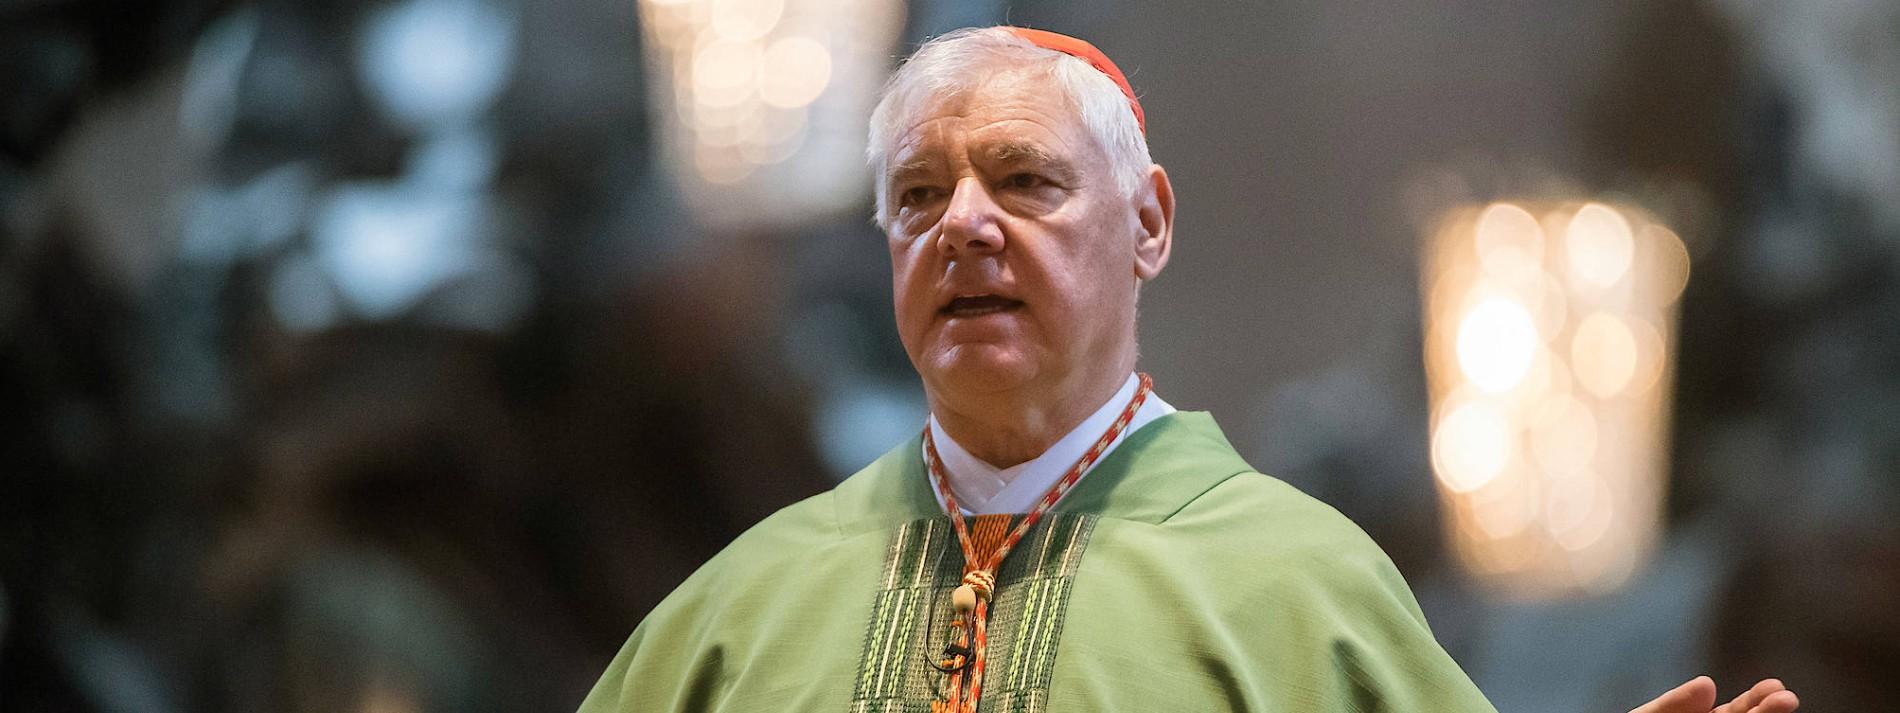 Kardinal Müller als Perry Rhodan?